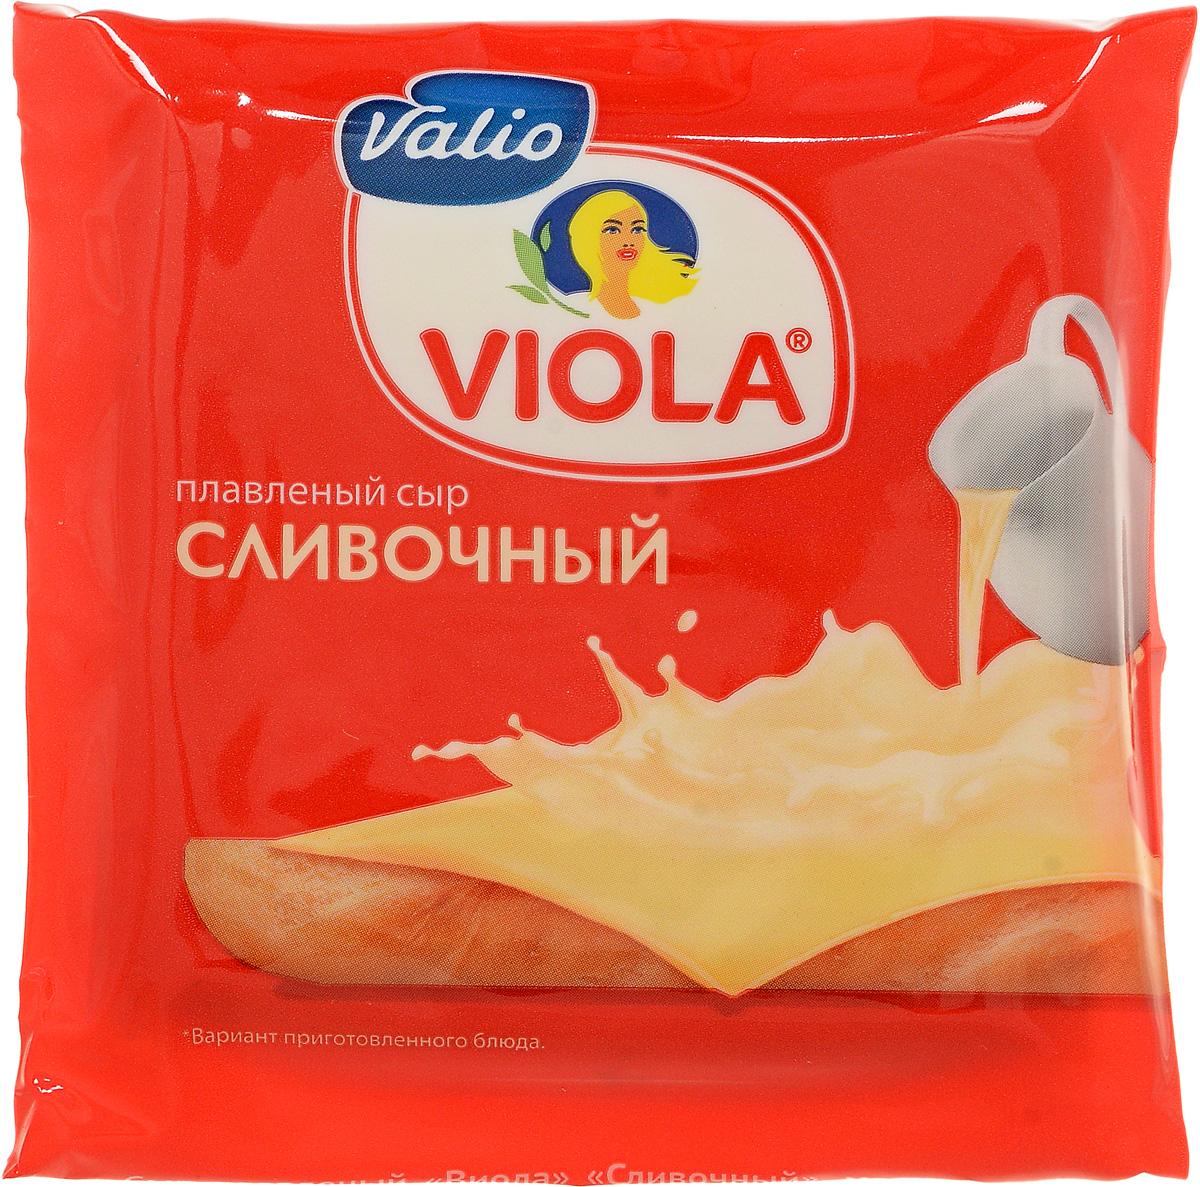 Valio Viola Сыр плавленый Сливочный, в ломтиках, 140 г valio oltermanni сыр сливочный 45